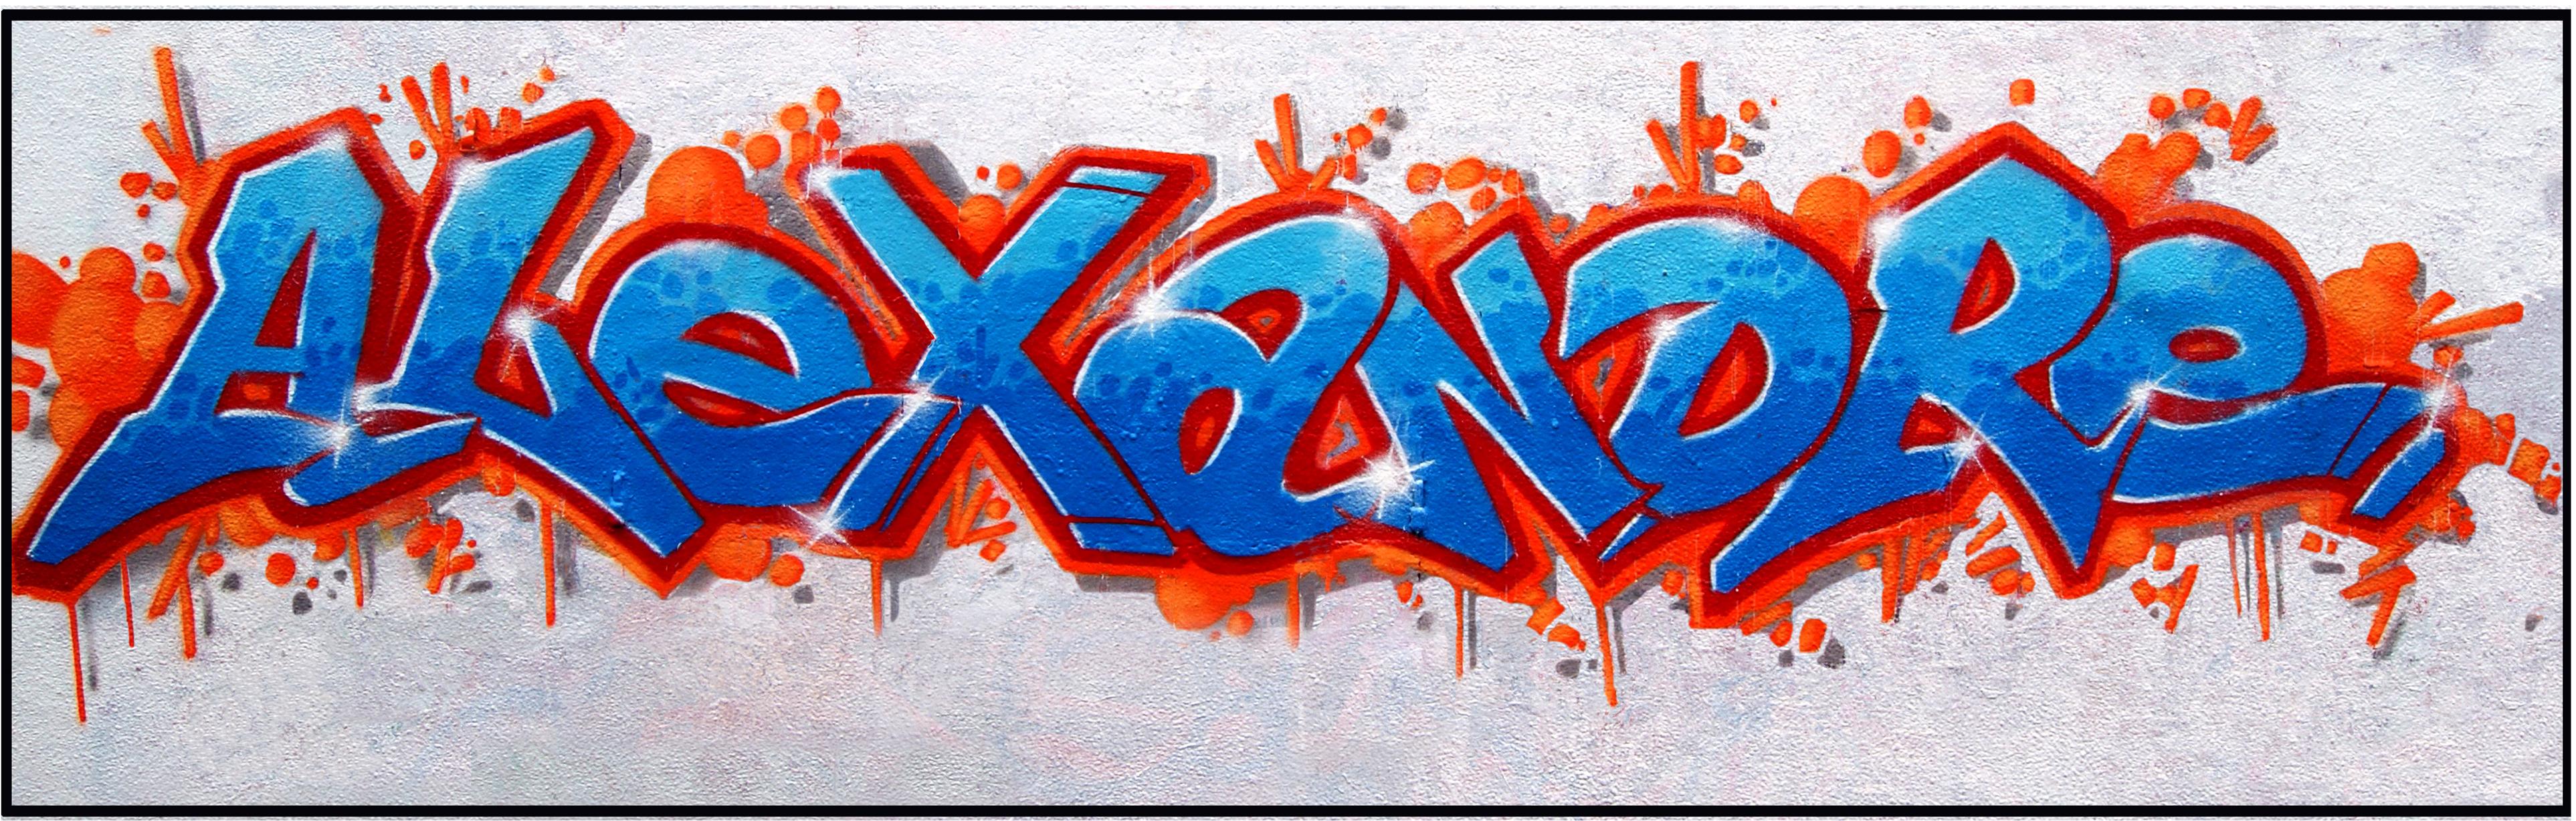 Pr nom simple decograffik deco graff bureaux entreprise - Tag prenom gratuit ...